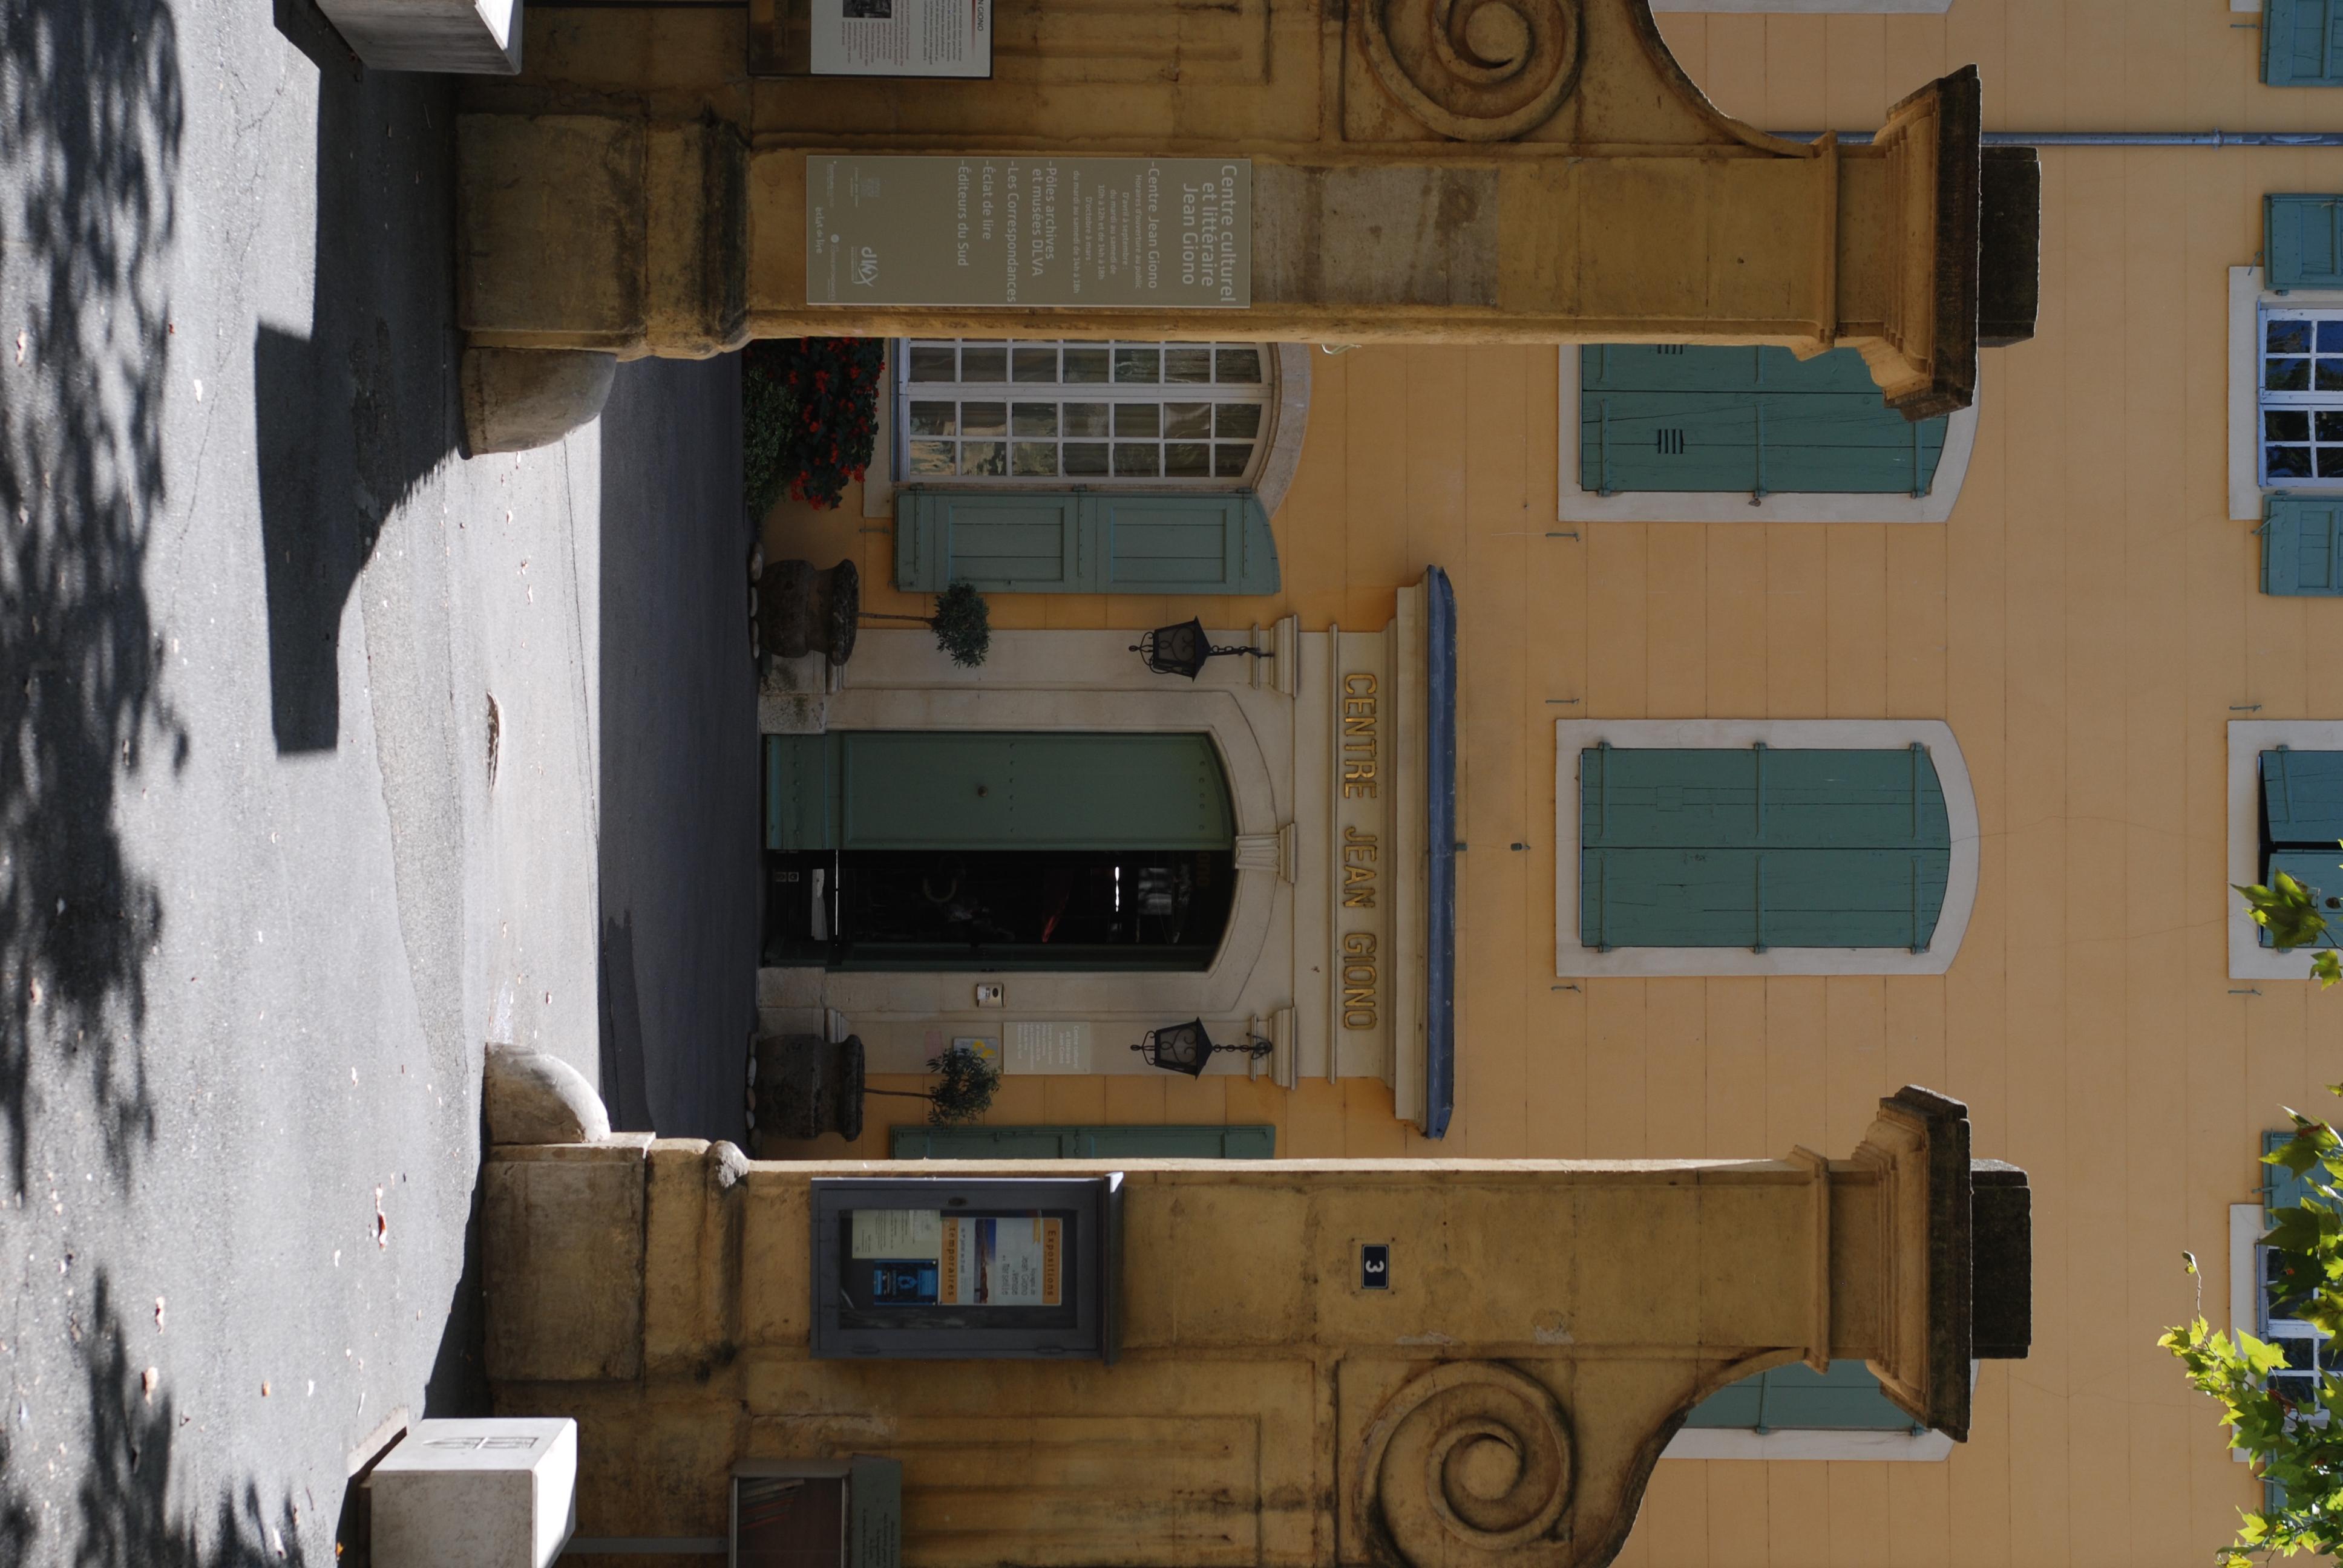 Datei:Entree, Centre Jean Giono.jpg – Wikipedia